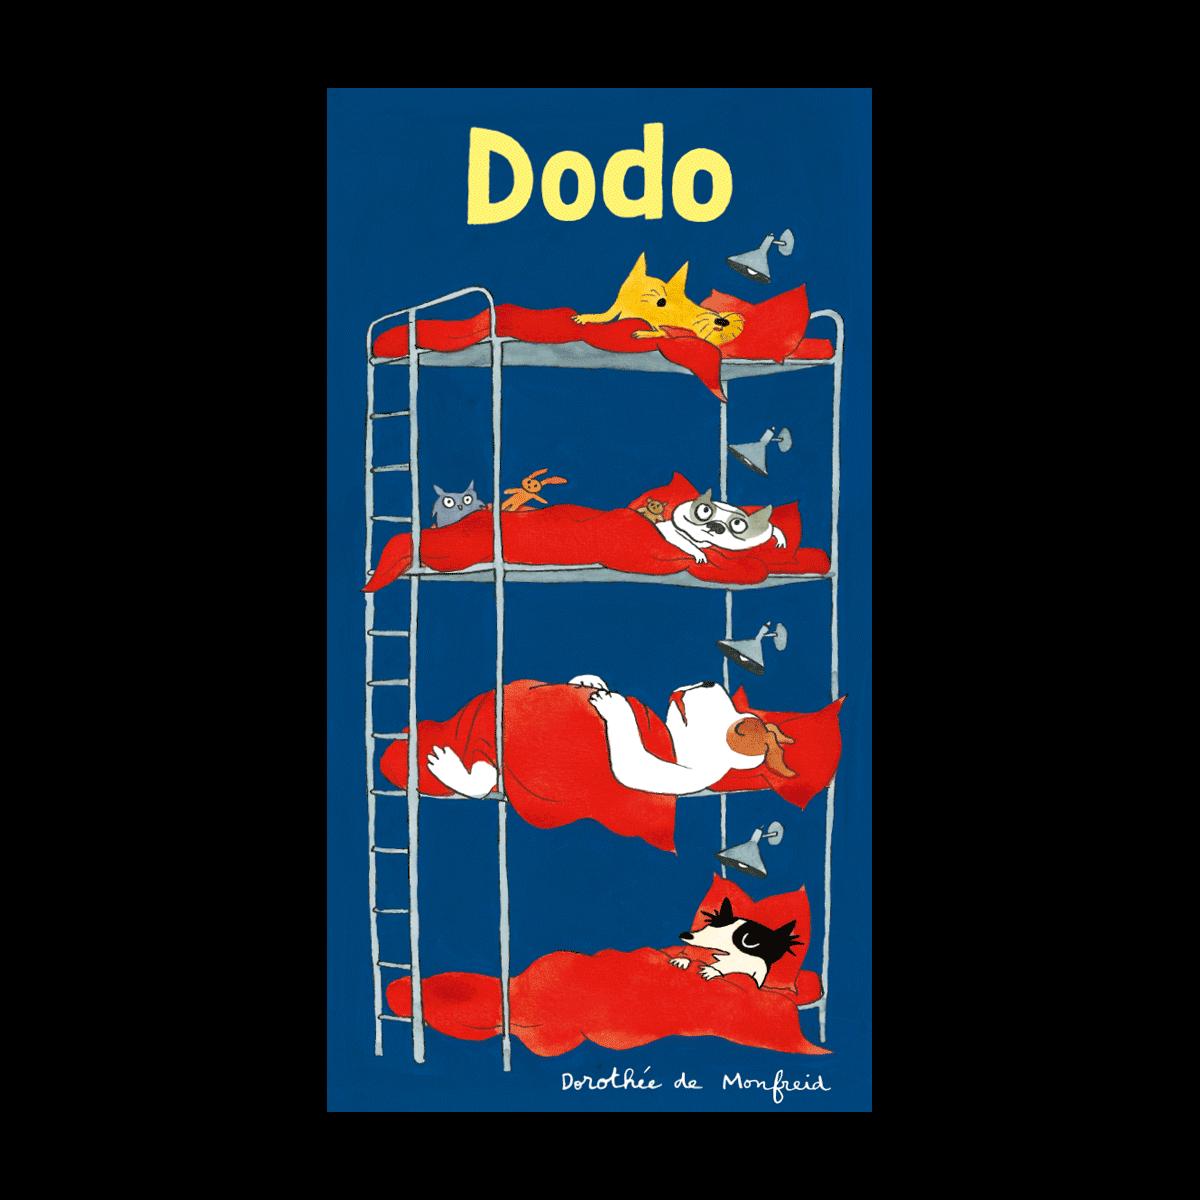 dodo-couv2